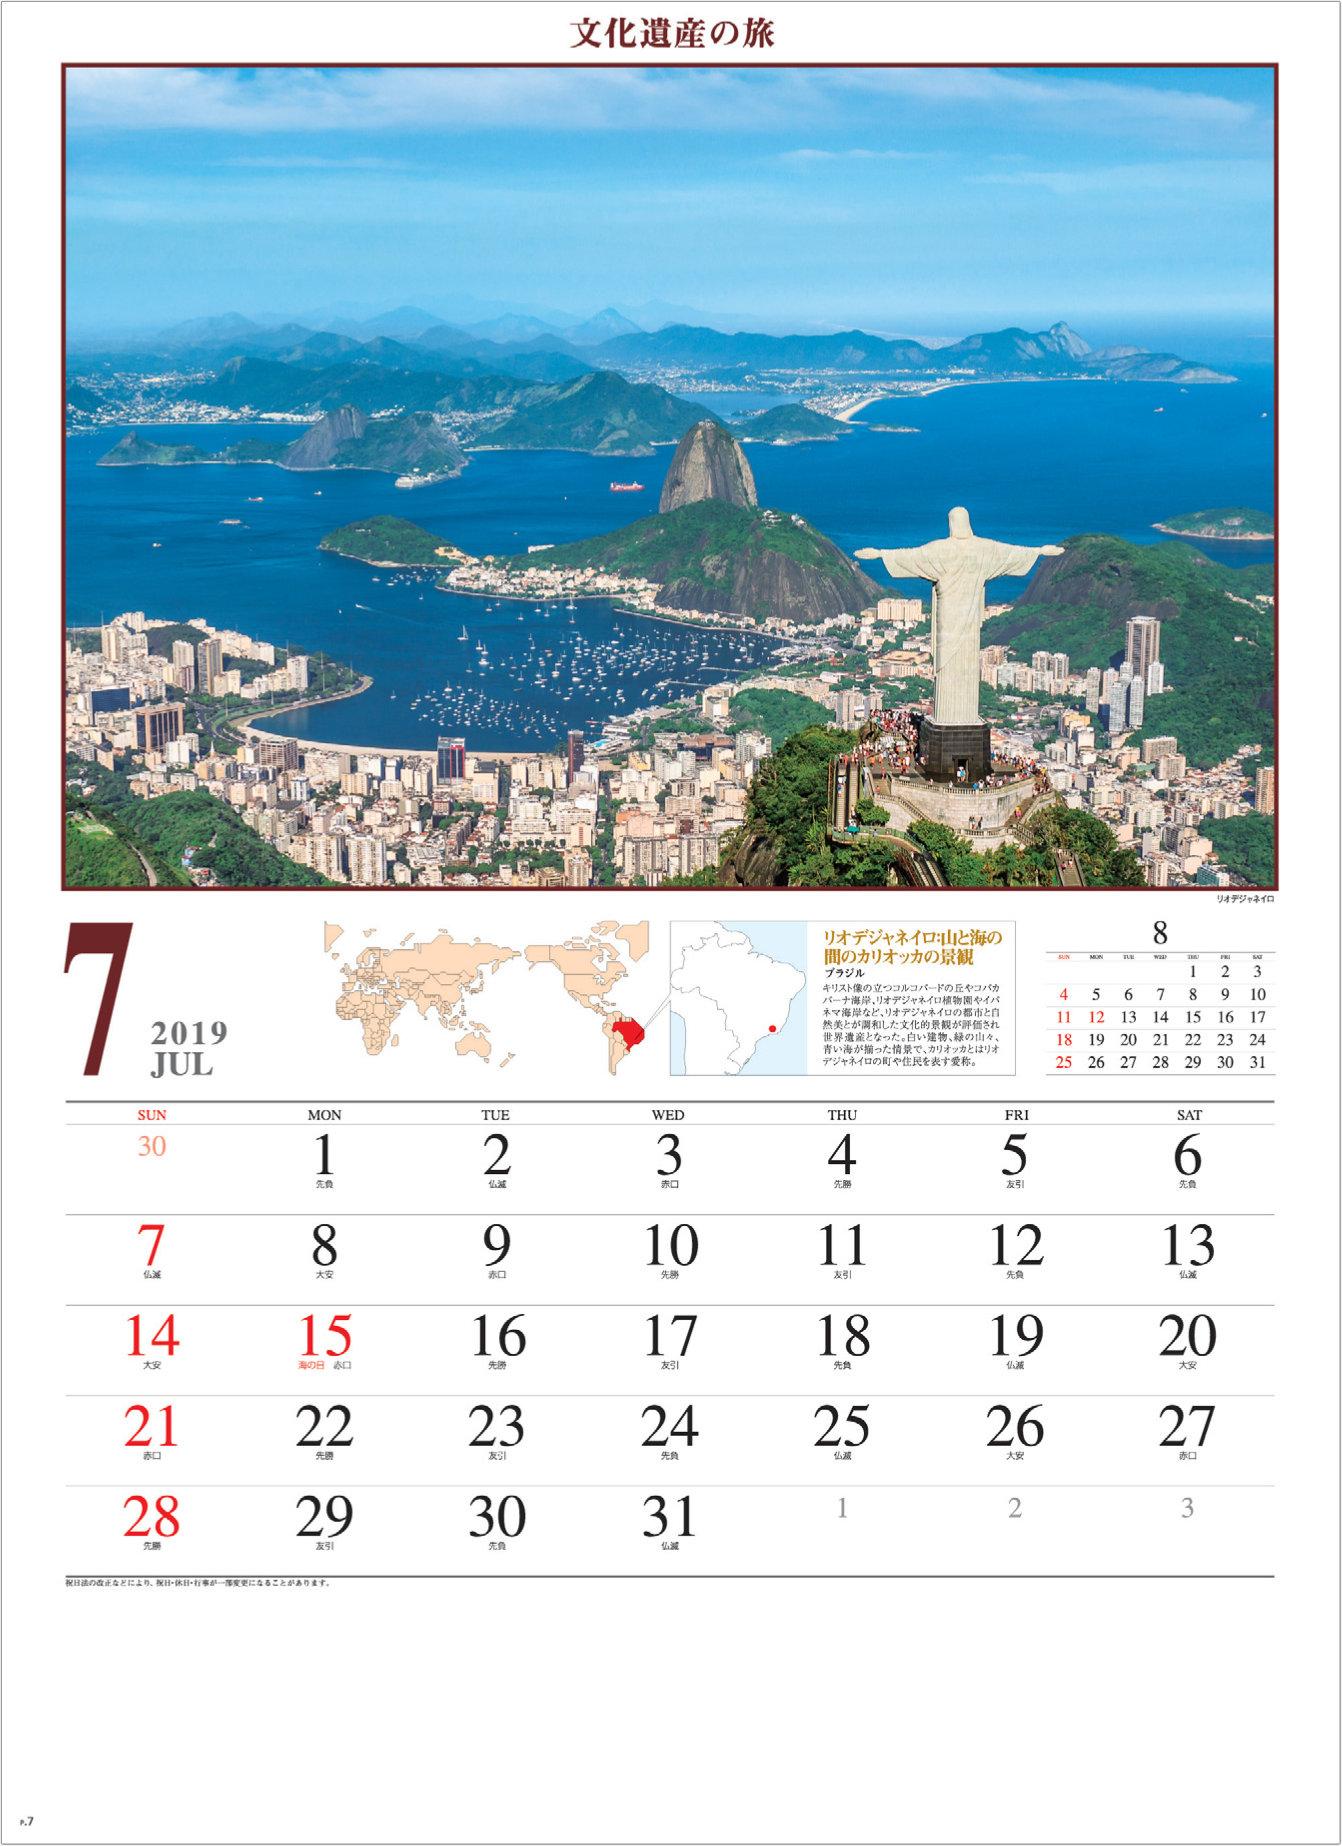 画像:ブラジルン リオデジャネイロ 文化遺産の旅(ユネスコ世界遺産) 2019年カレンダー